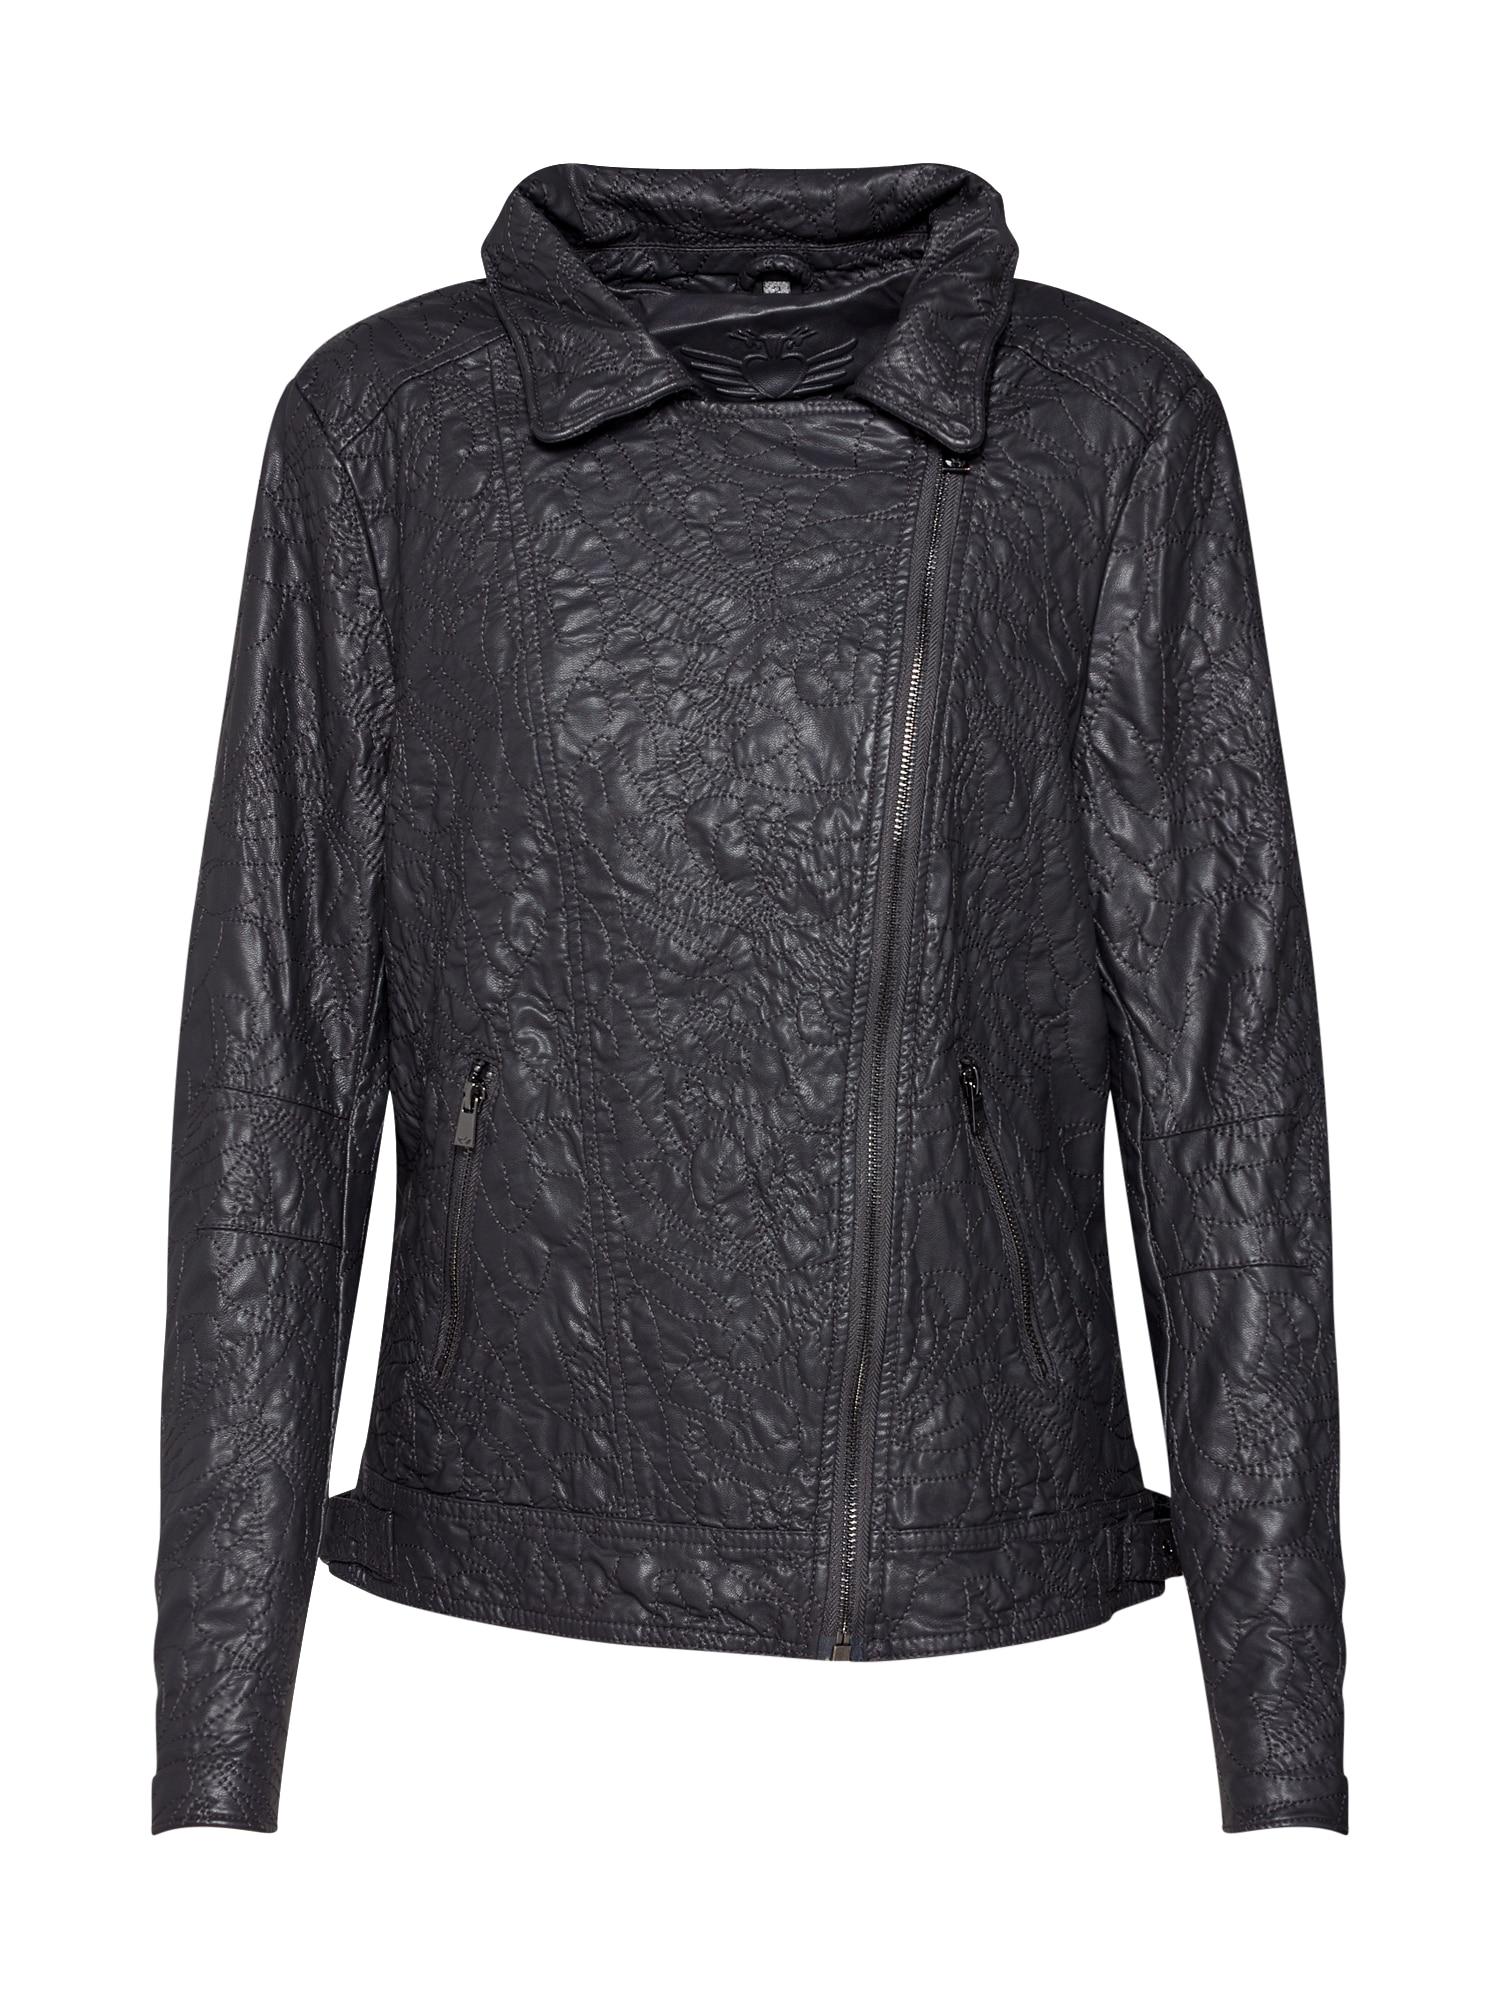 Přechodná bunda Virginia Embroidery antracitová tmavě šedá Fritzi Aus Preußen